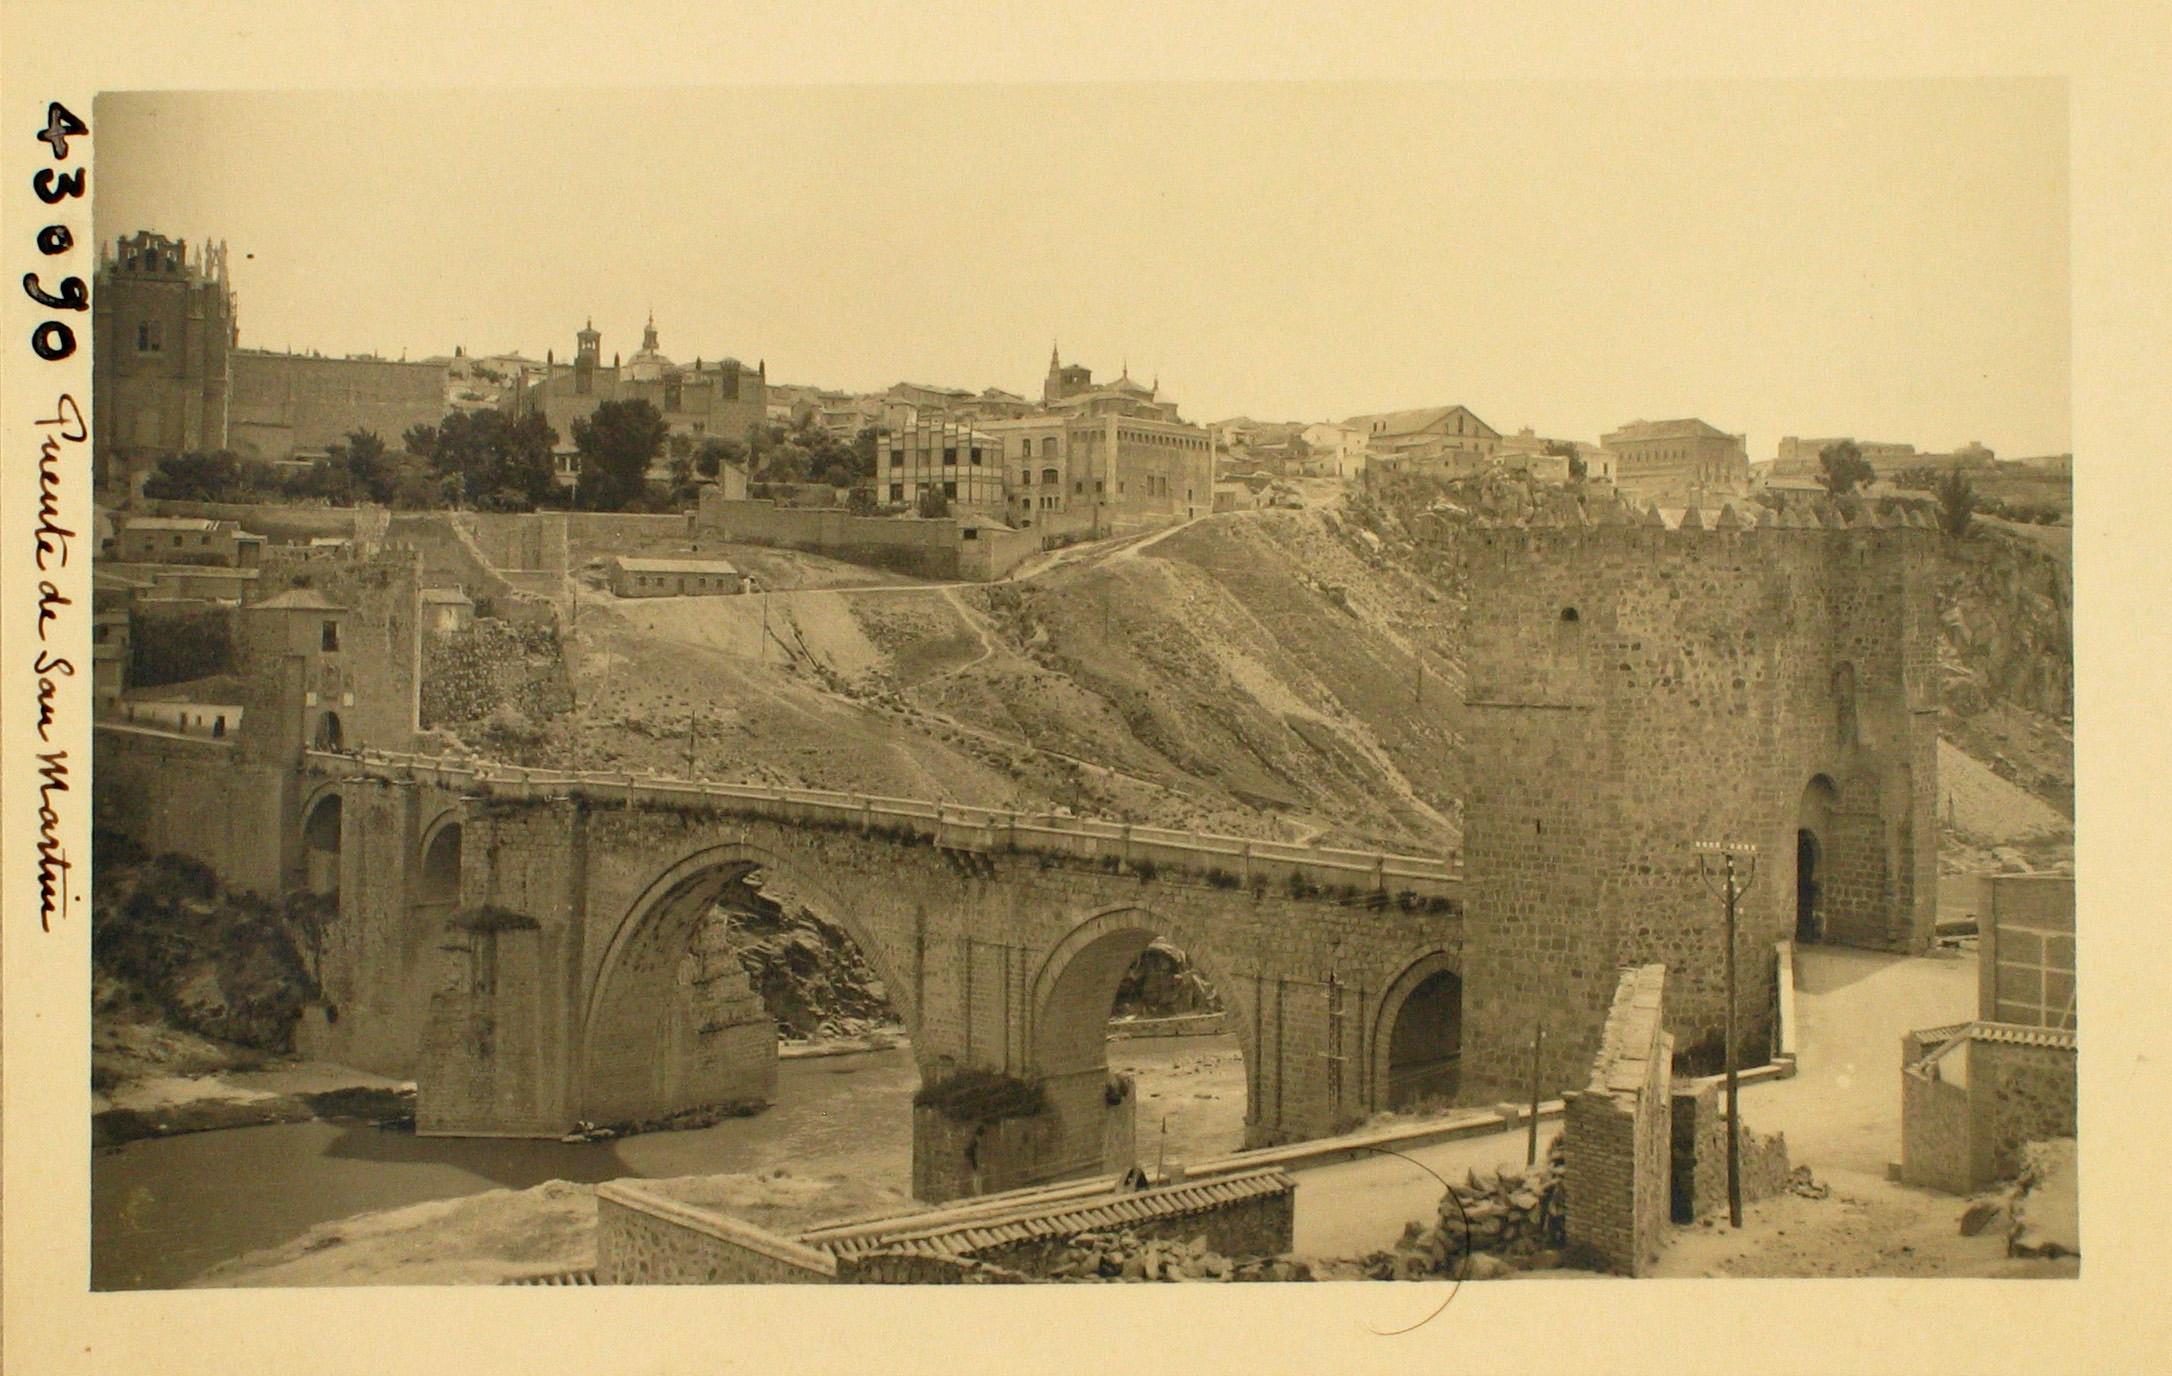 43090-Vista general del Puente con la ciudad al fondo